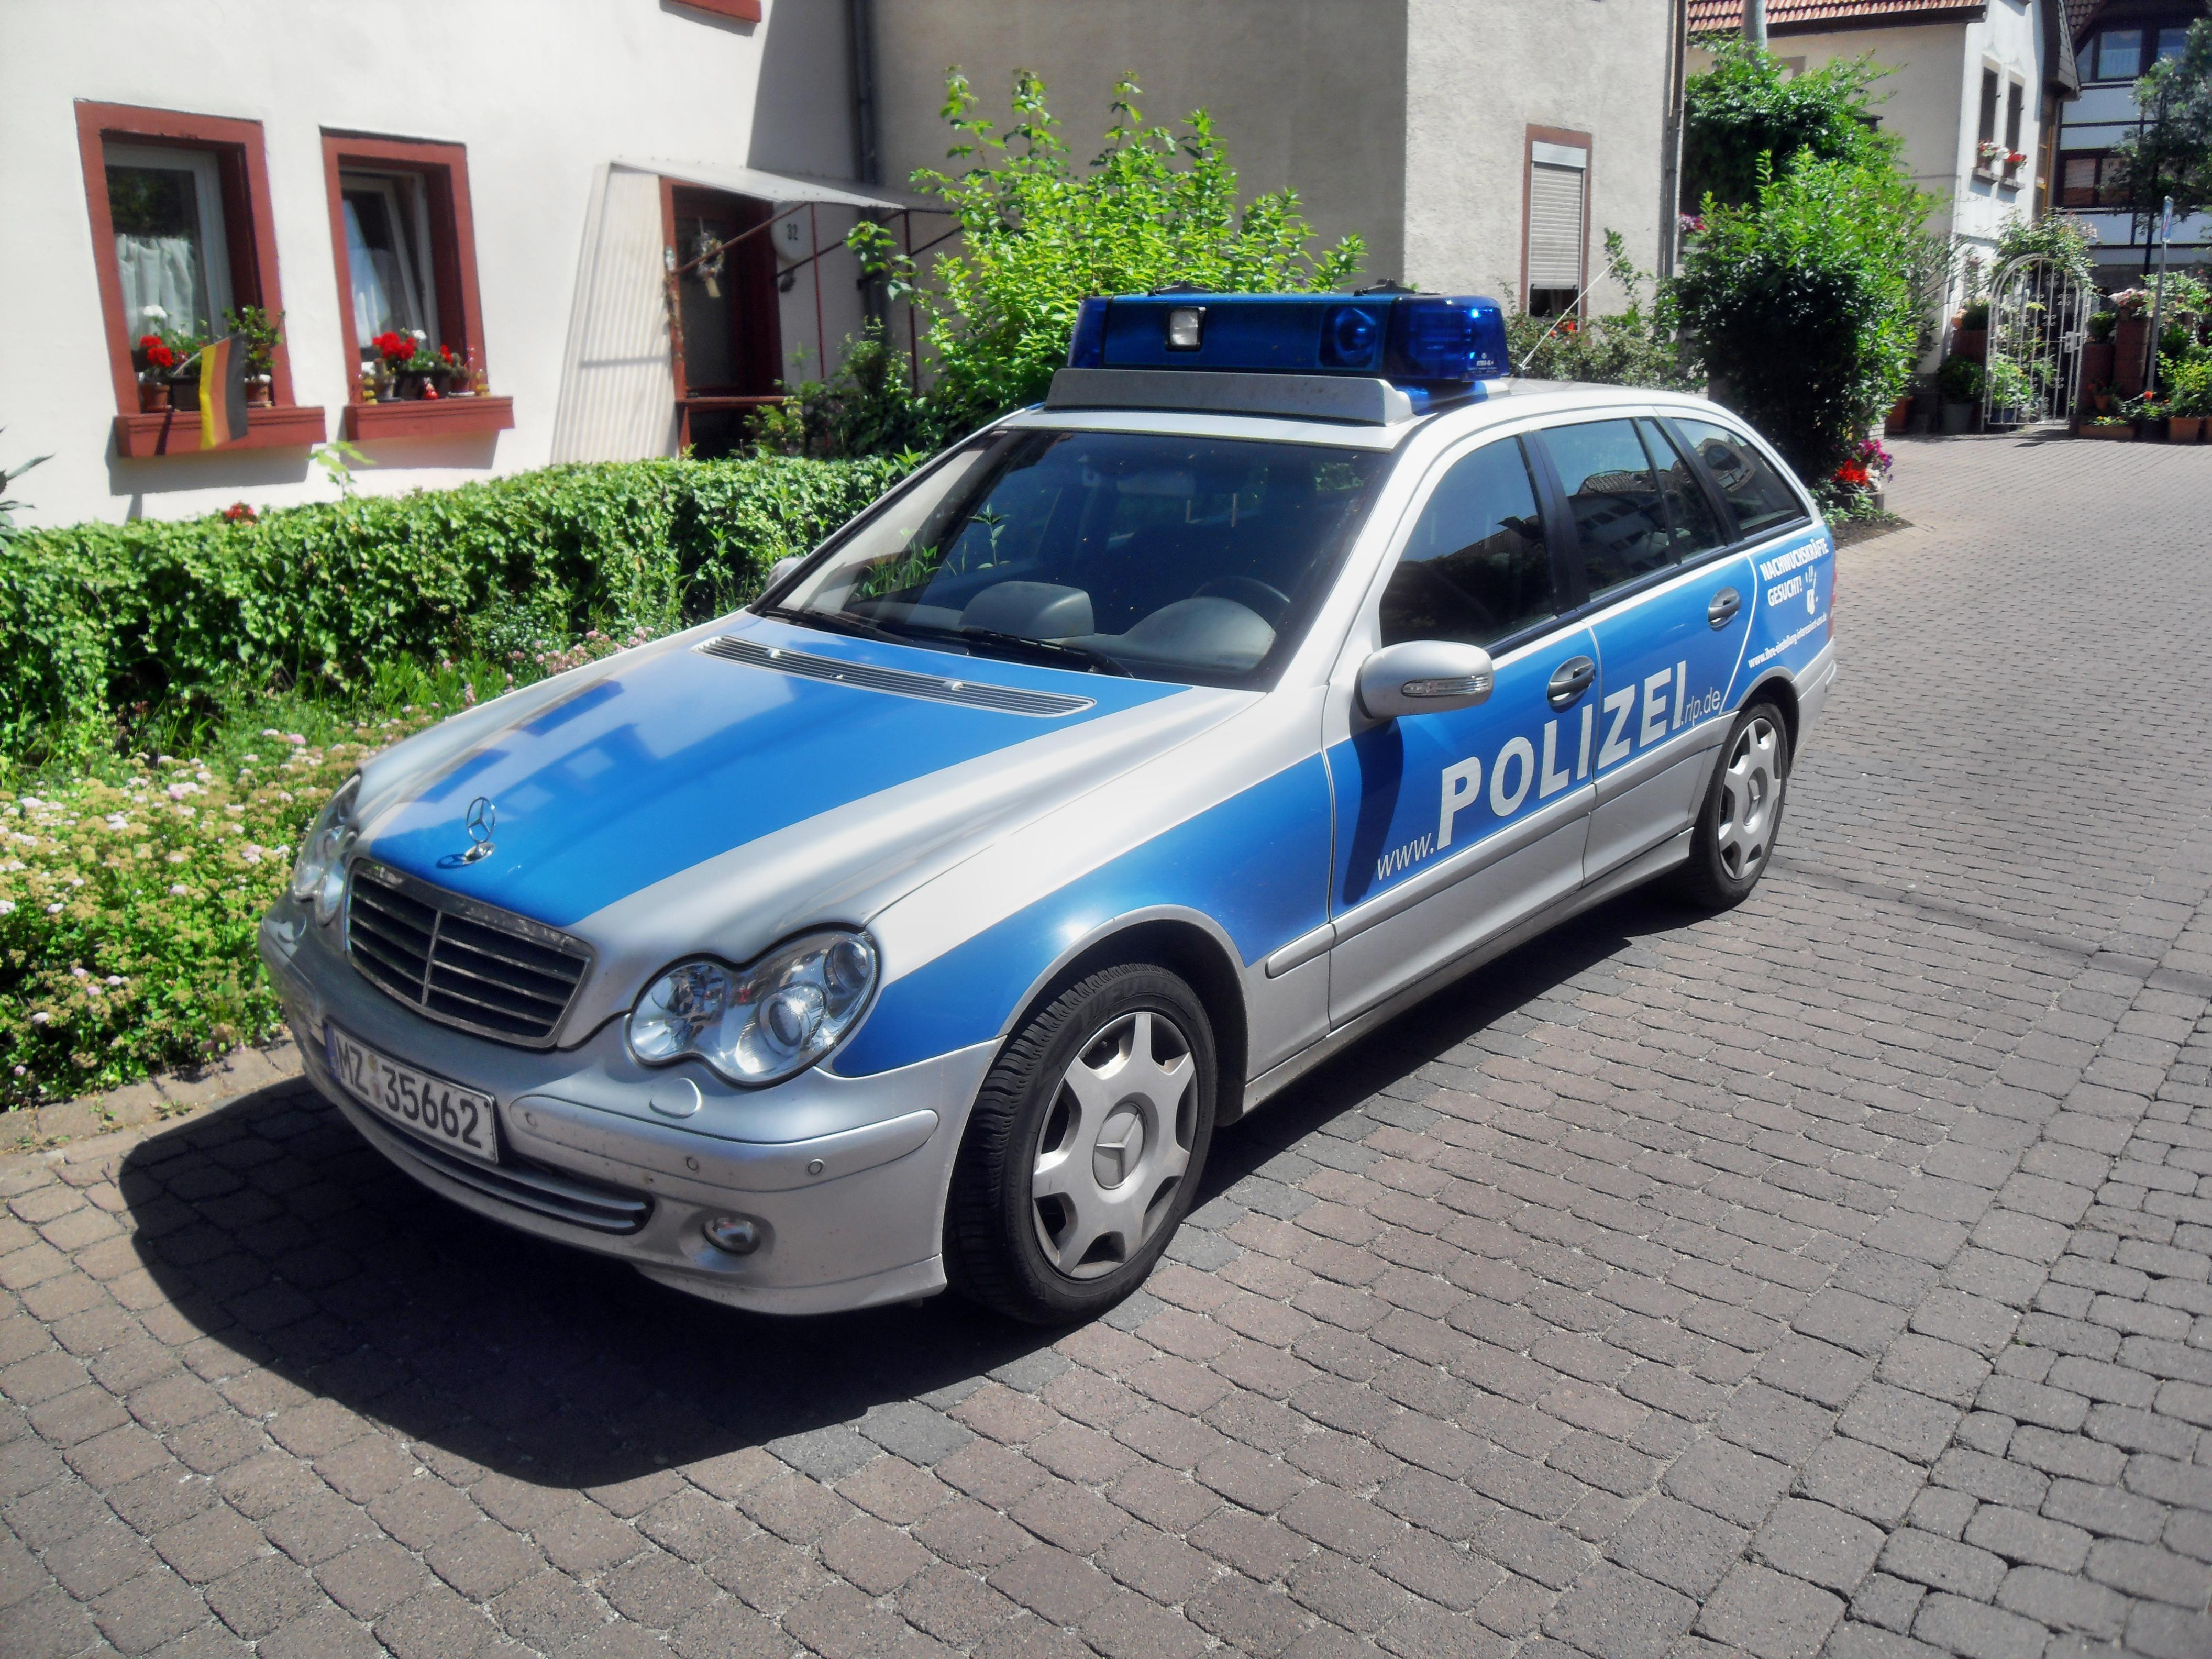 Polizei dankt zwei Menschen für besondere Zivilcourage: Sie retteten Leben!